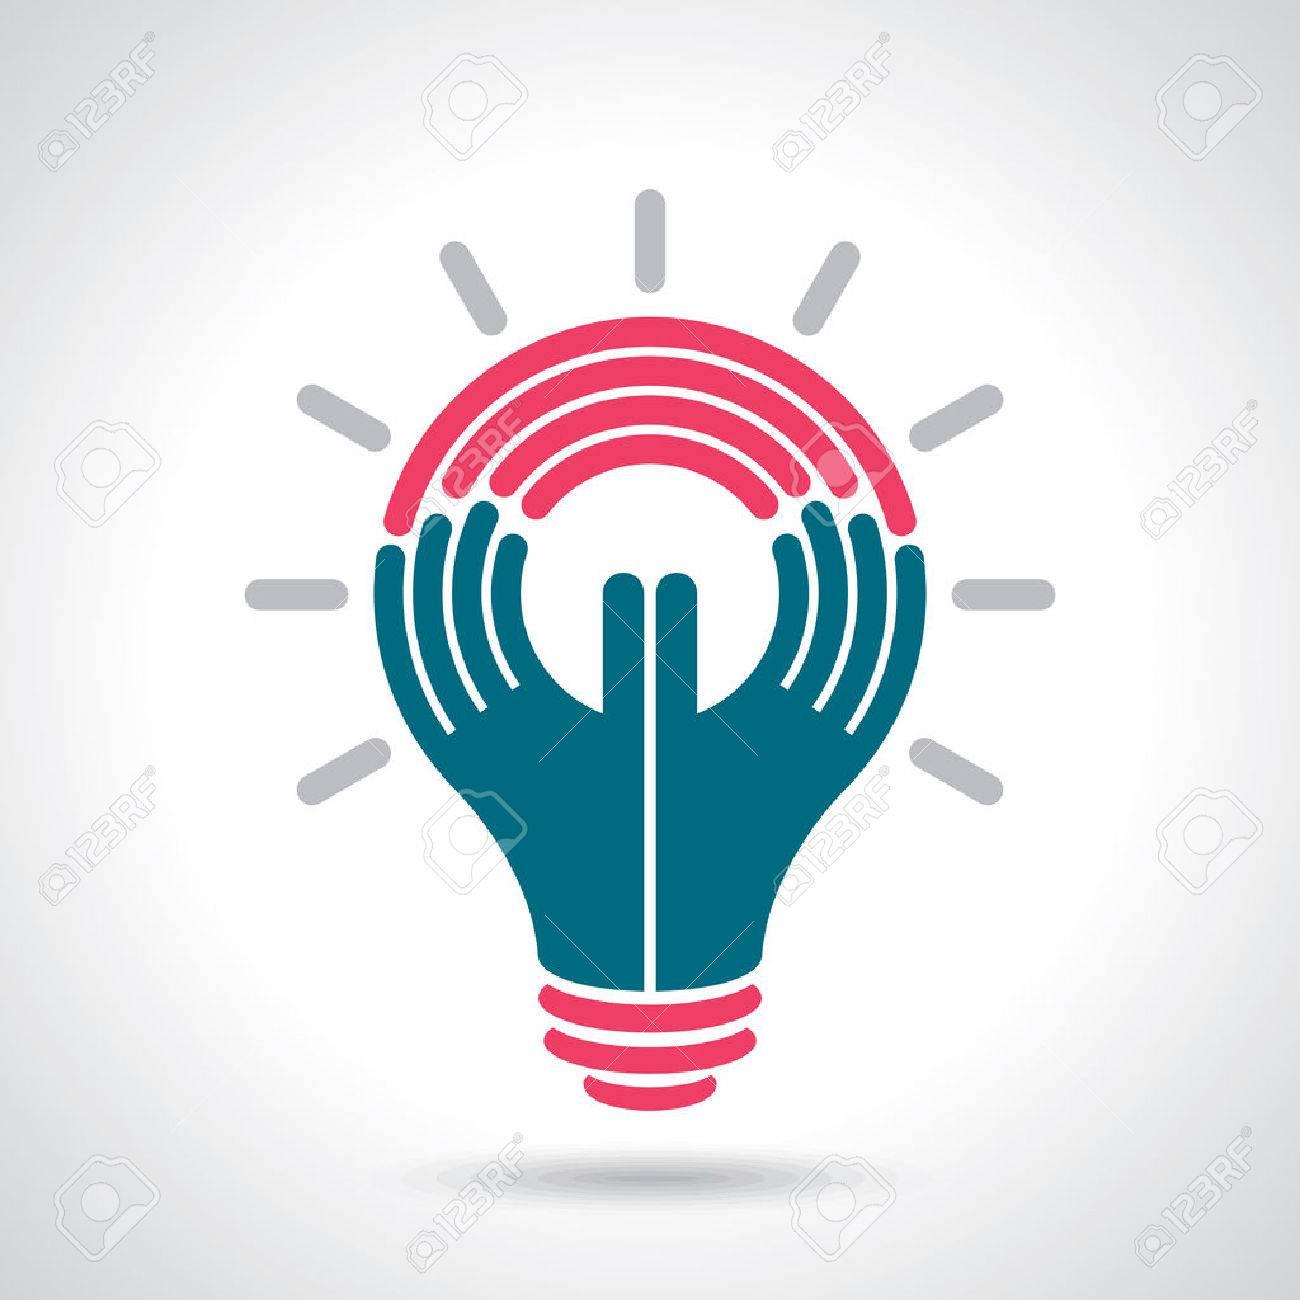 reach idea with human hand - 37110022